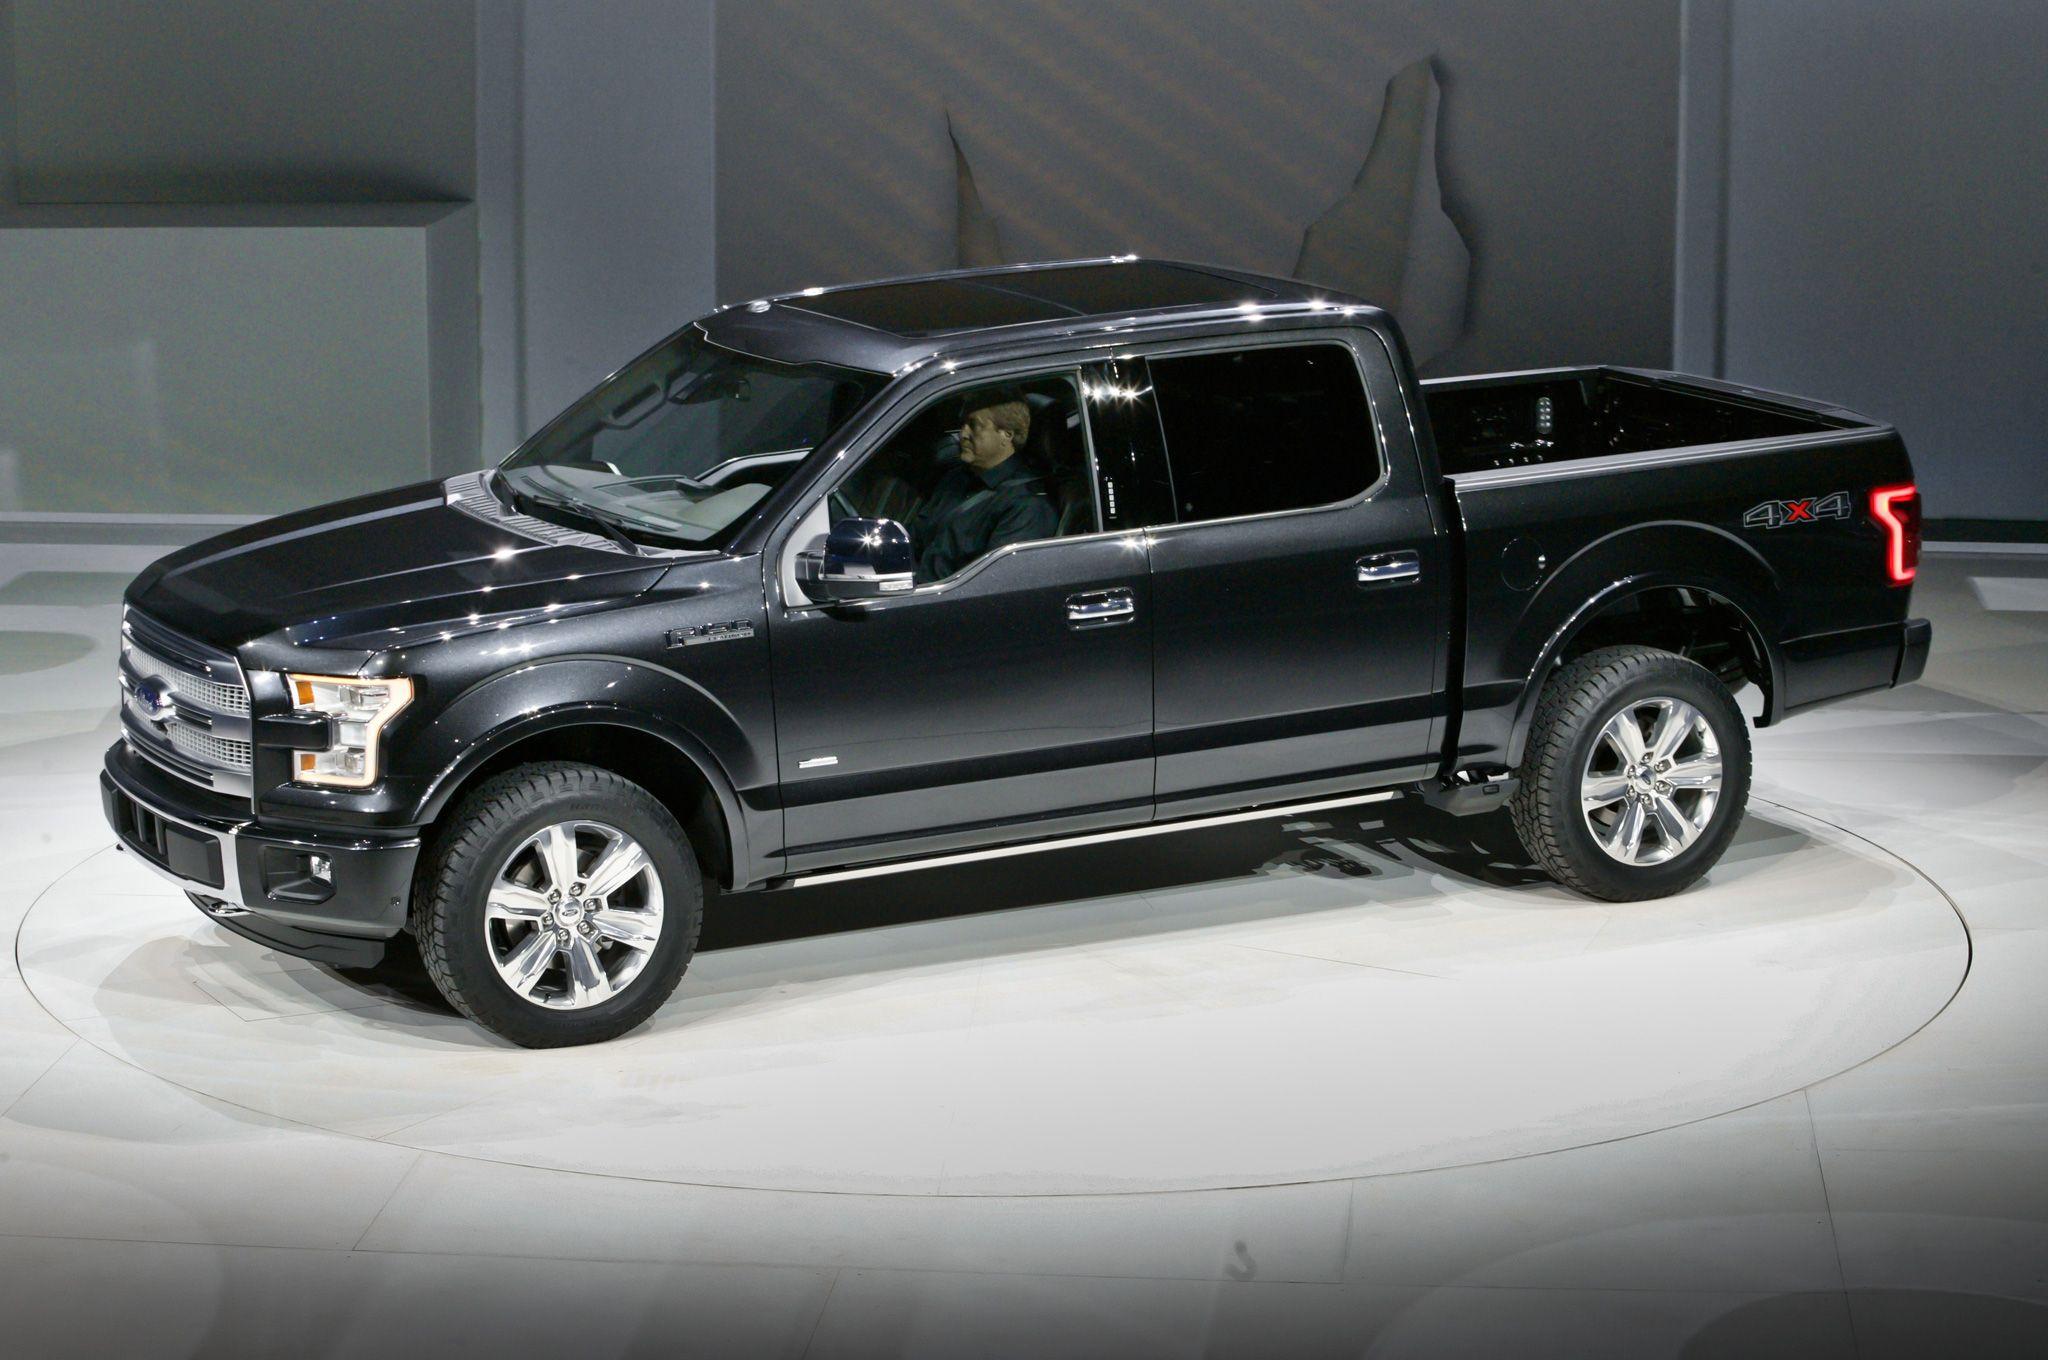 New 2014 ford f 150 lariat black truck ford trucks pinterest trucks black and black truck